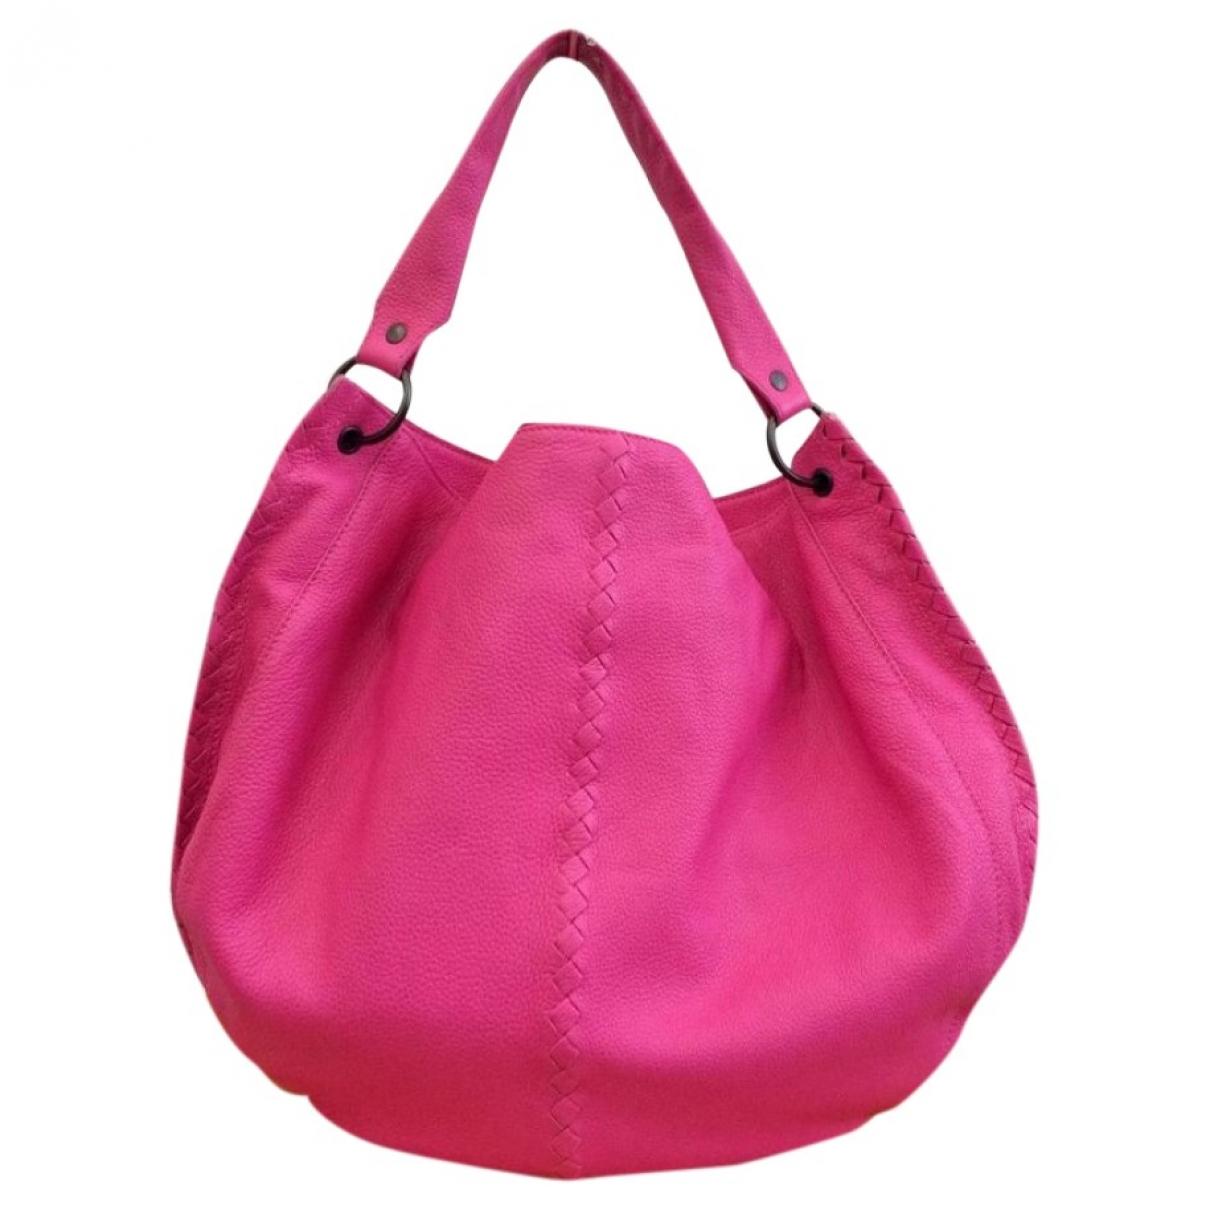 Bottega Veneta \N Pink Leather handbag for Women \N